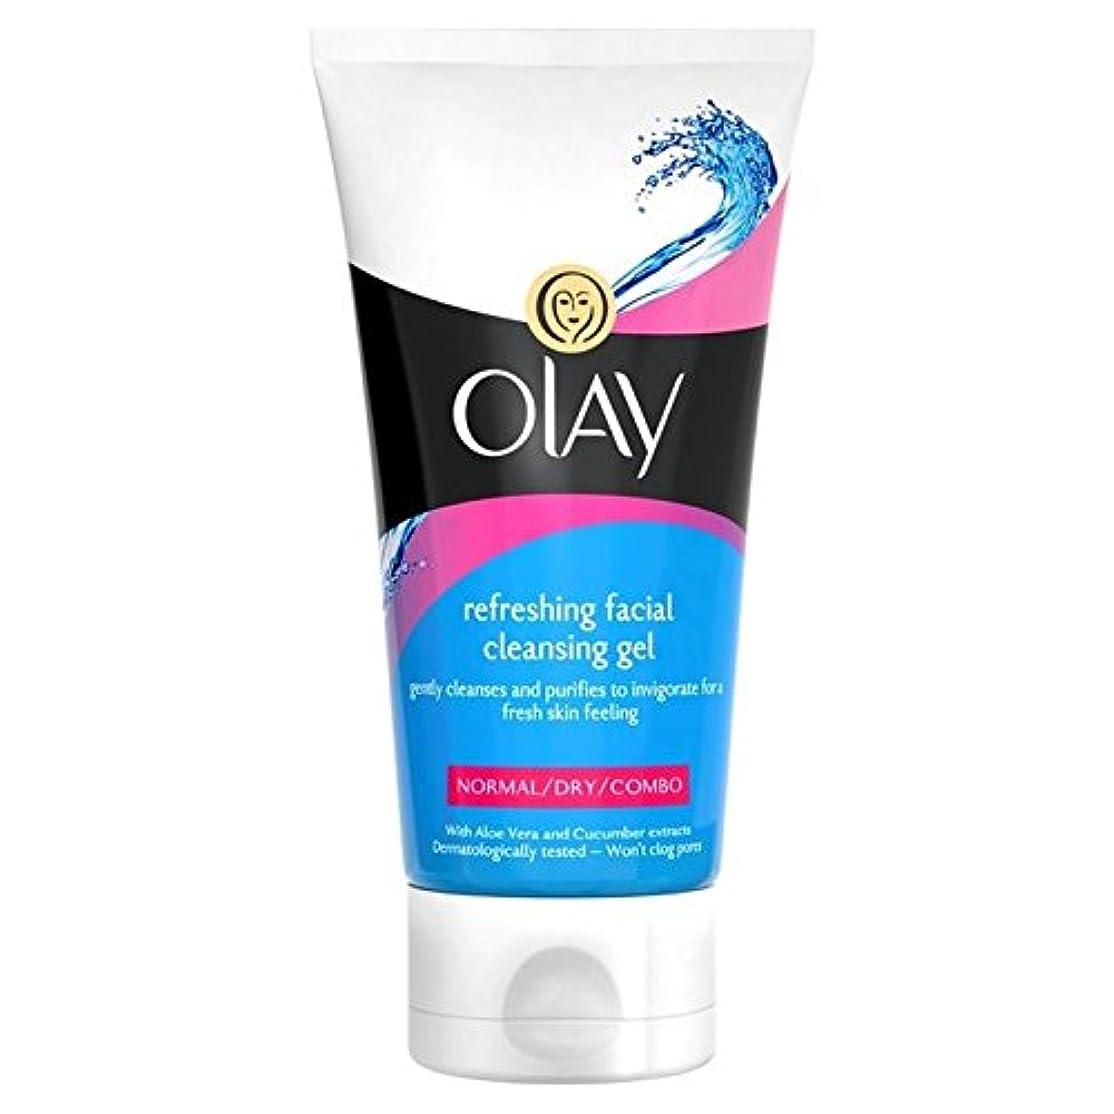 偽物ポルノ不利益洗顔料の150ミリリットルをリフレッシュオーレイの必需品クレンザー x4 - Olay Essentials Cleansers Refreshing Face Wash 150ml (Pack of 4) [並行輸入品]